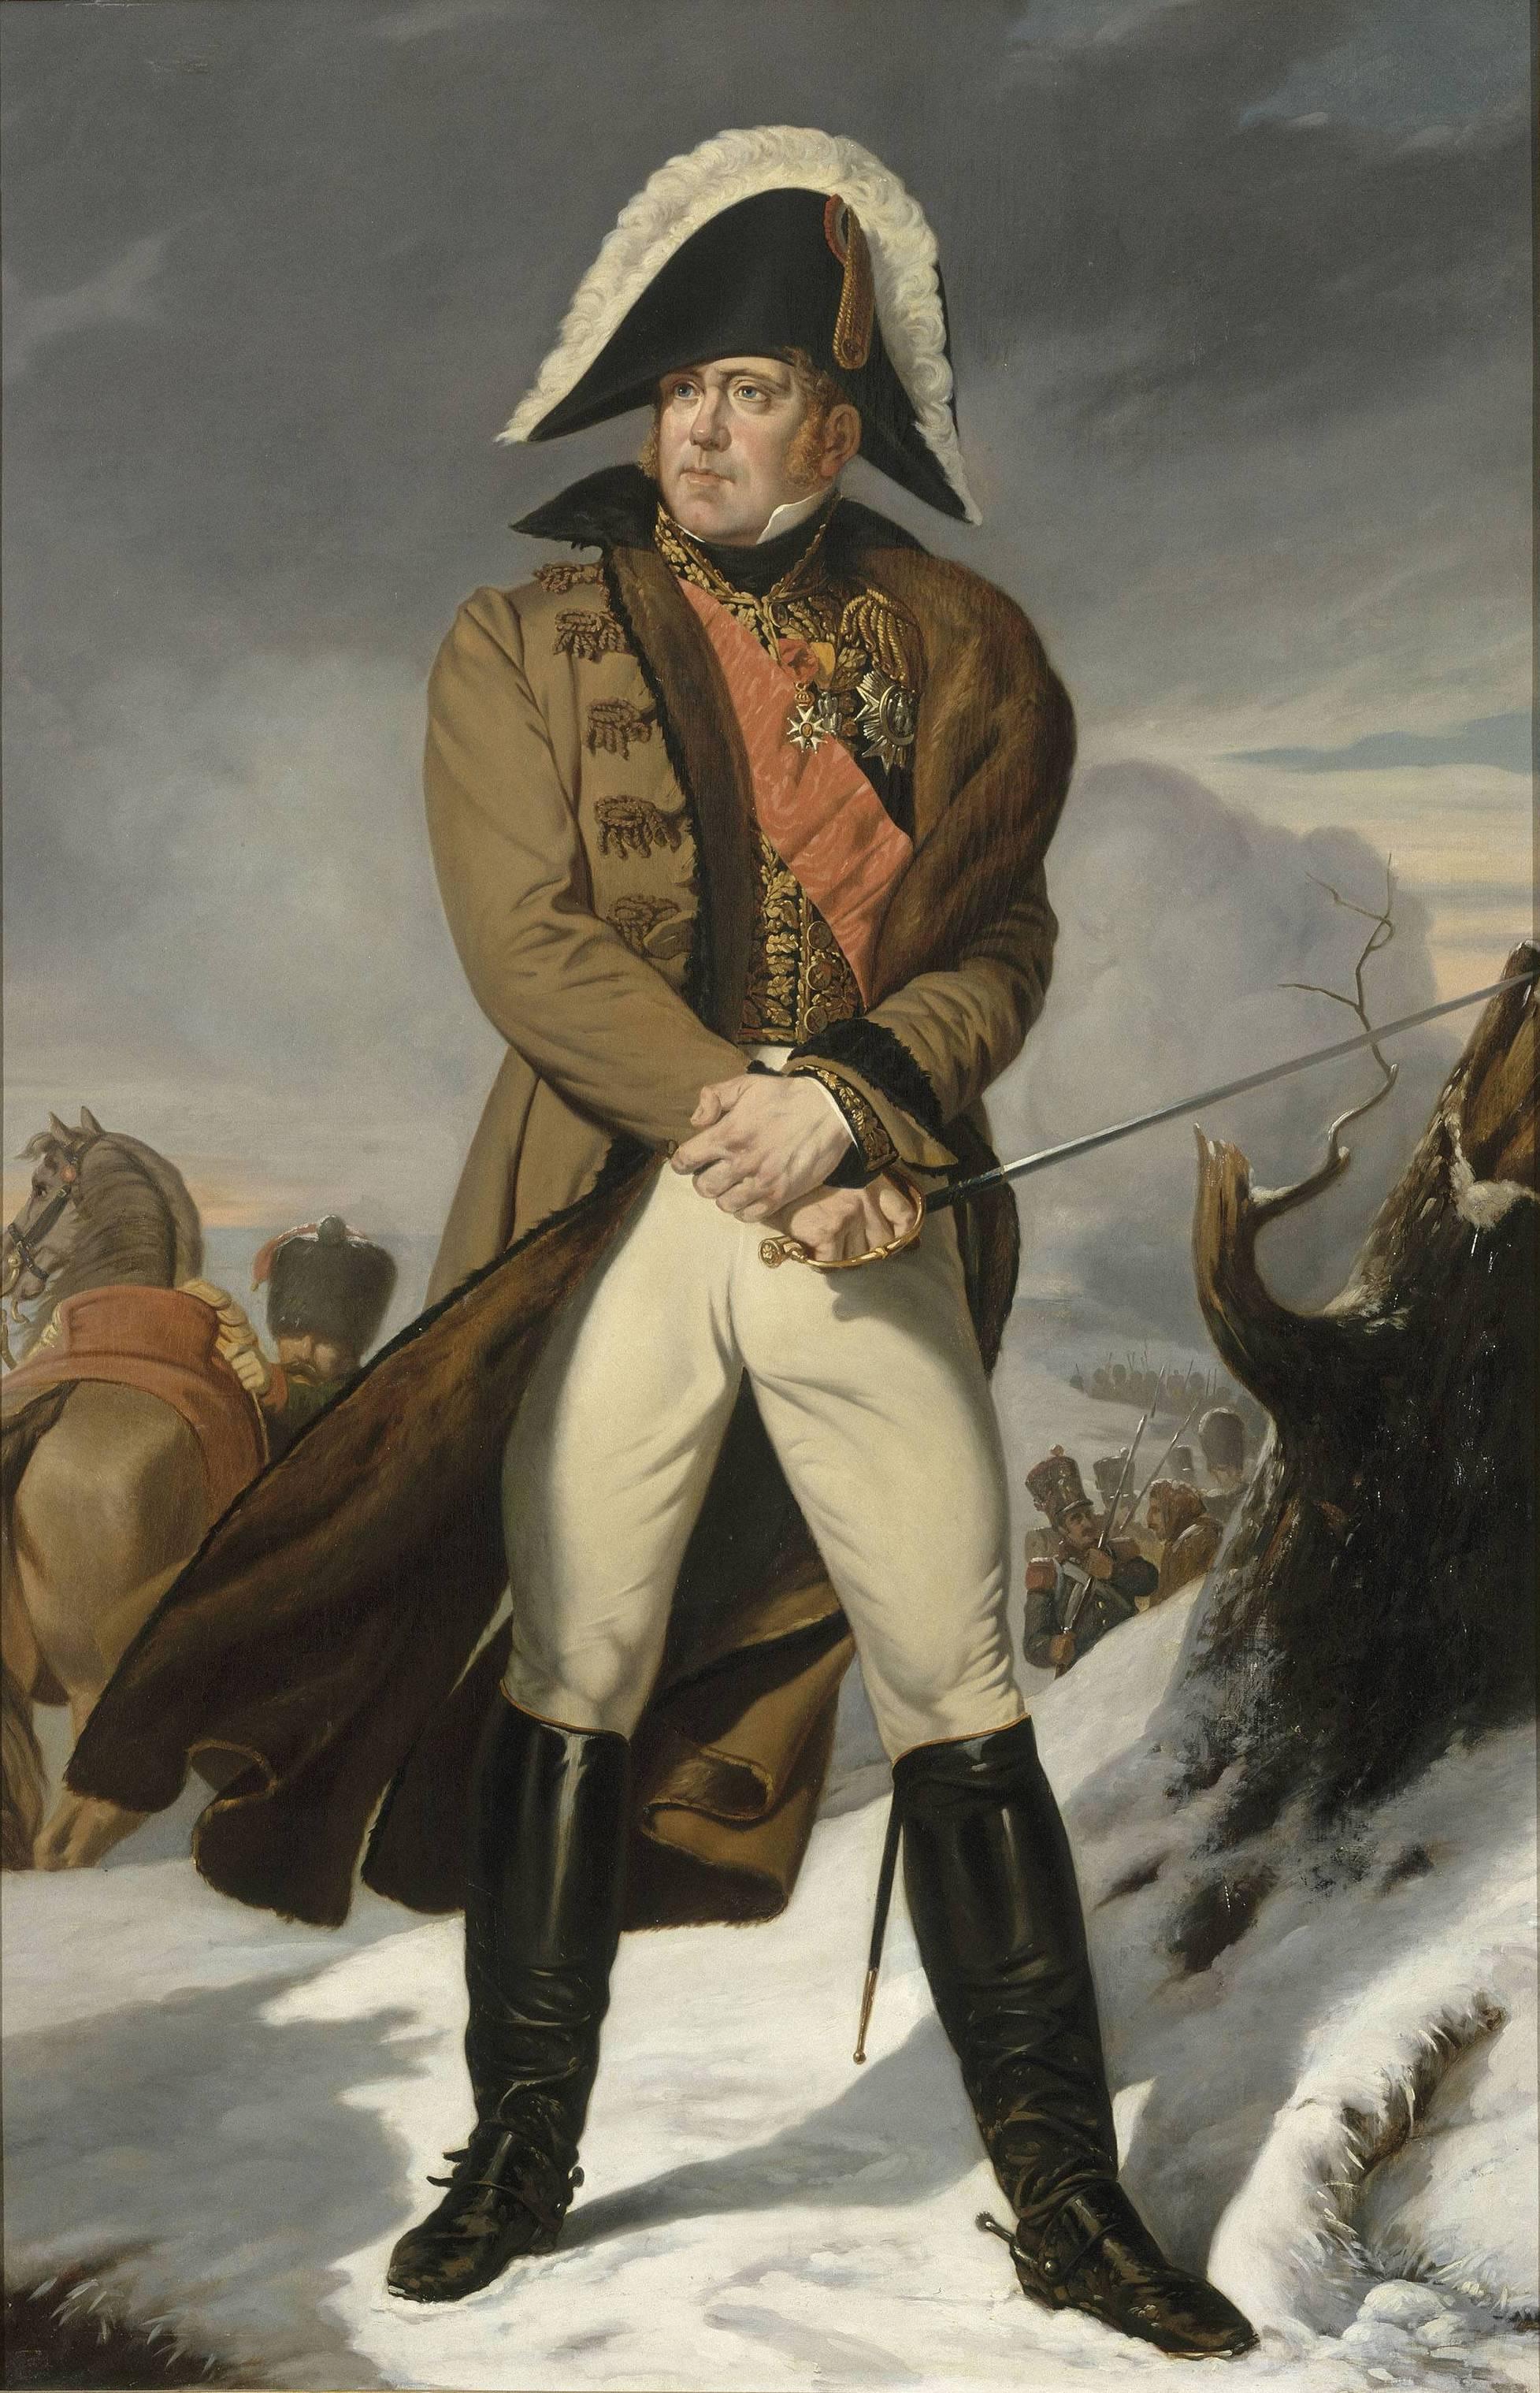 File:Bataille - Michel Ney, duc d'Elchingen, prince de La Moskowa, Maréchal de France (1769-1815).jpg